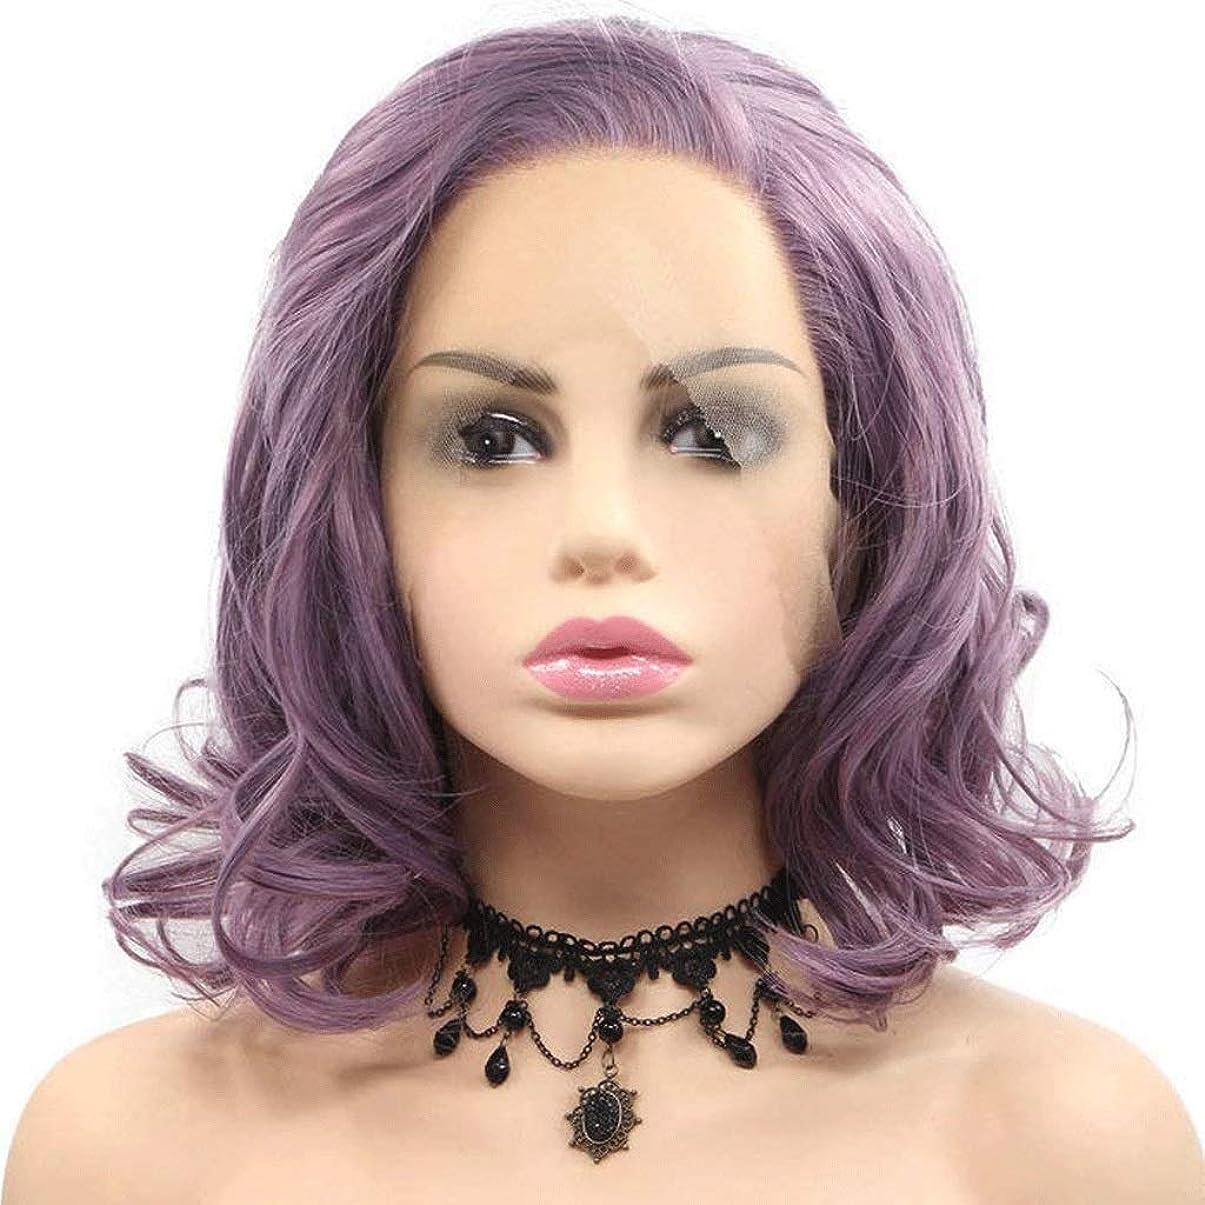 カビ南またはどちらか女性のための紫色の短い巻き毛のかつらレースフロント合成かつらコスプレパーティー日常使用12インチ (色 : Purple)